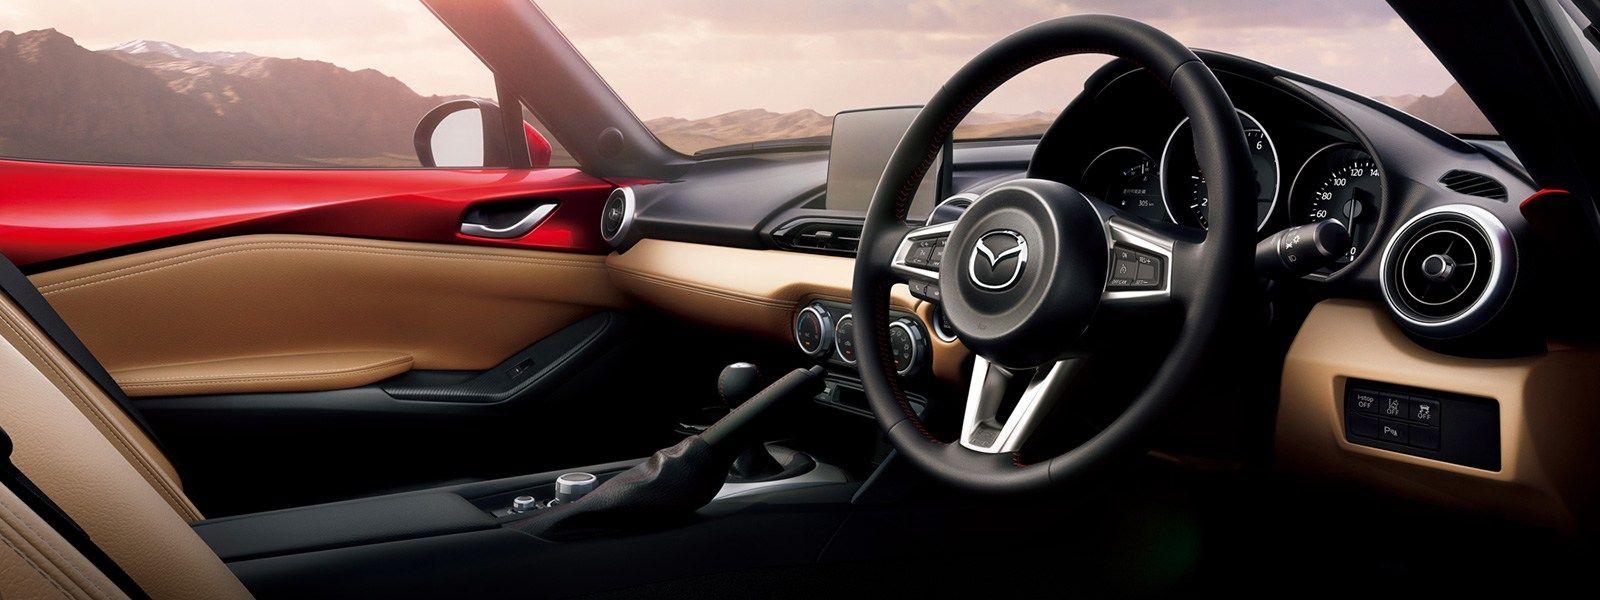 Mazda MX-5 2019 (12)